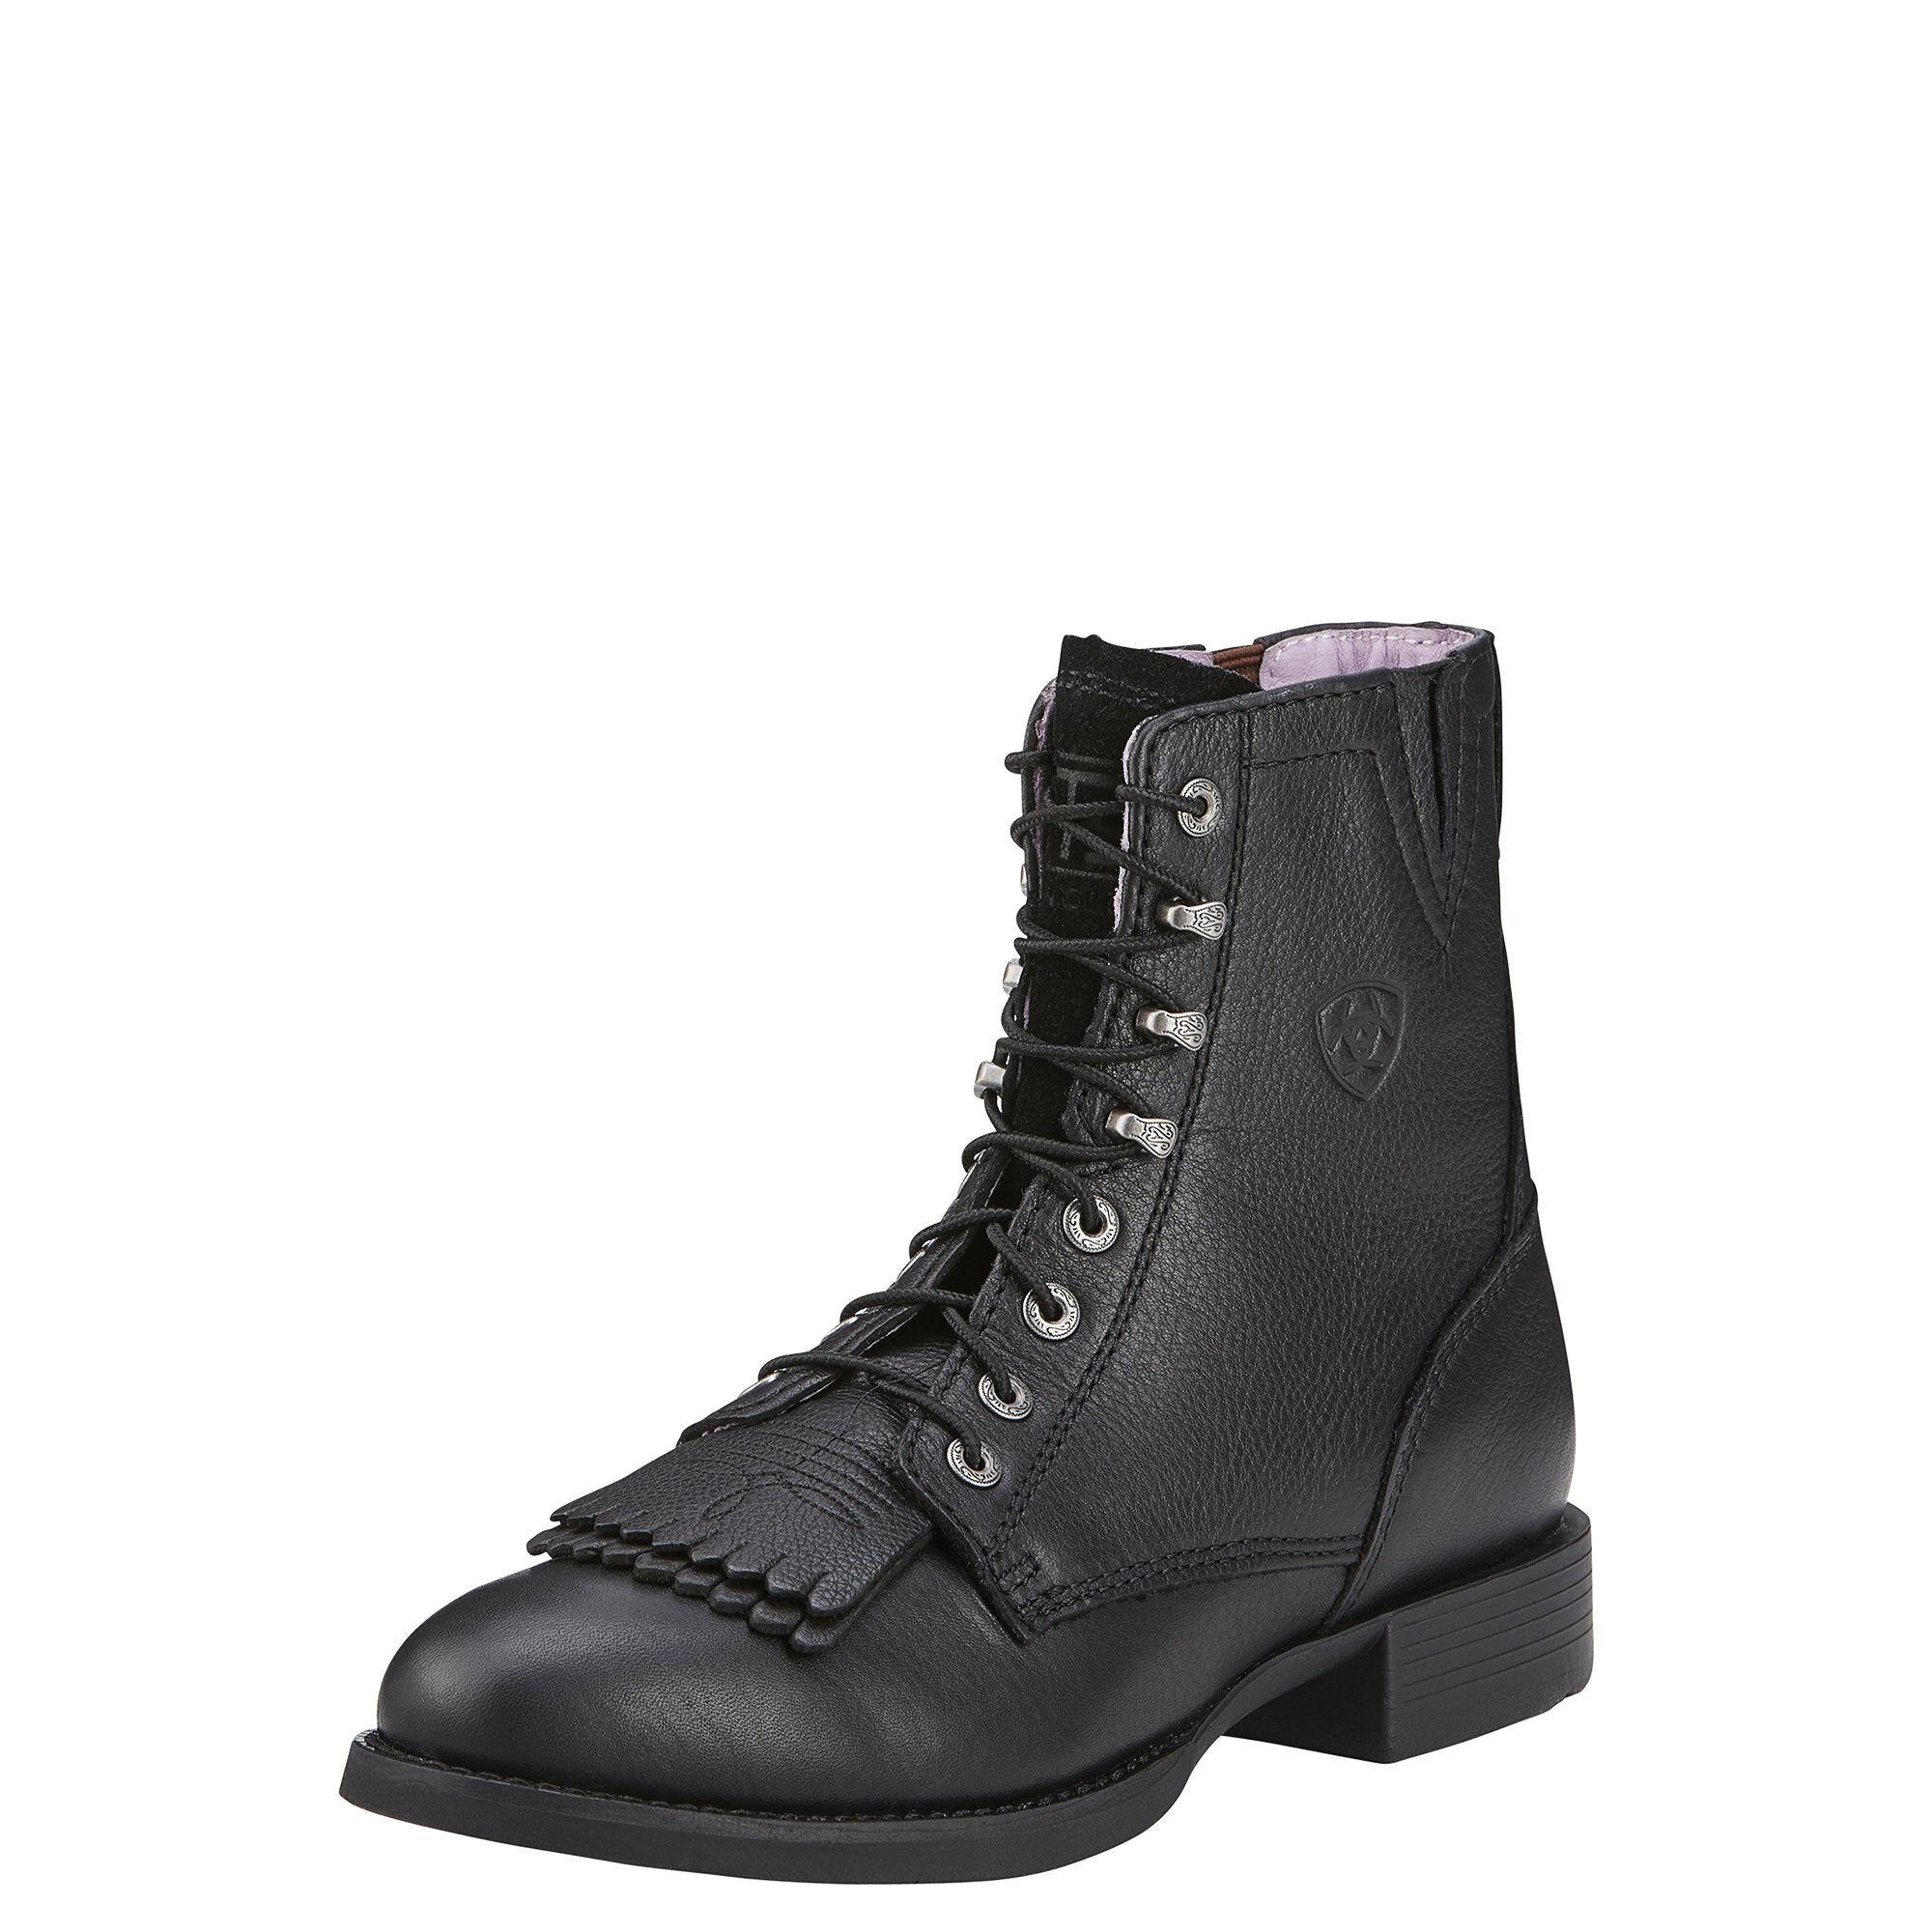 Women's Heritage Lacer II Boots in Black Deertan by Ariat